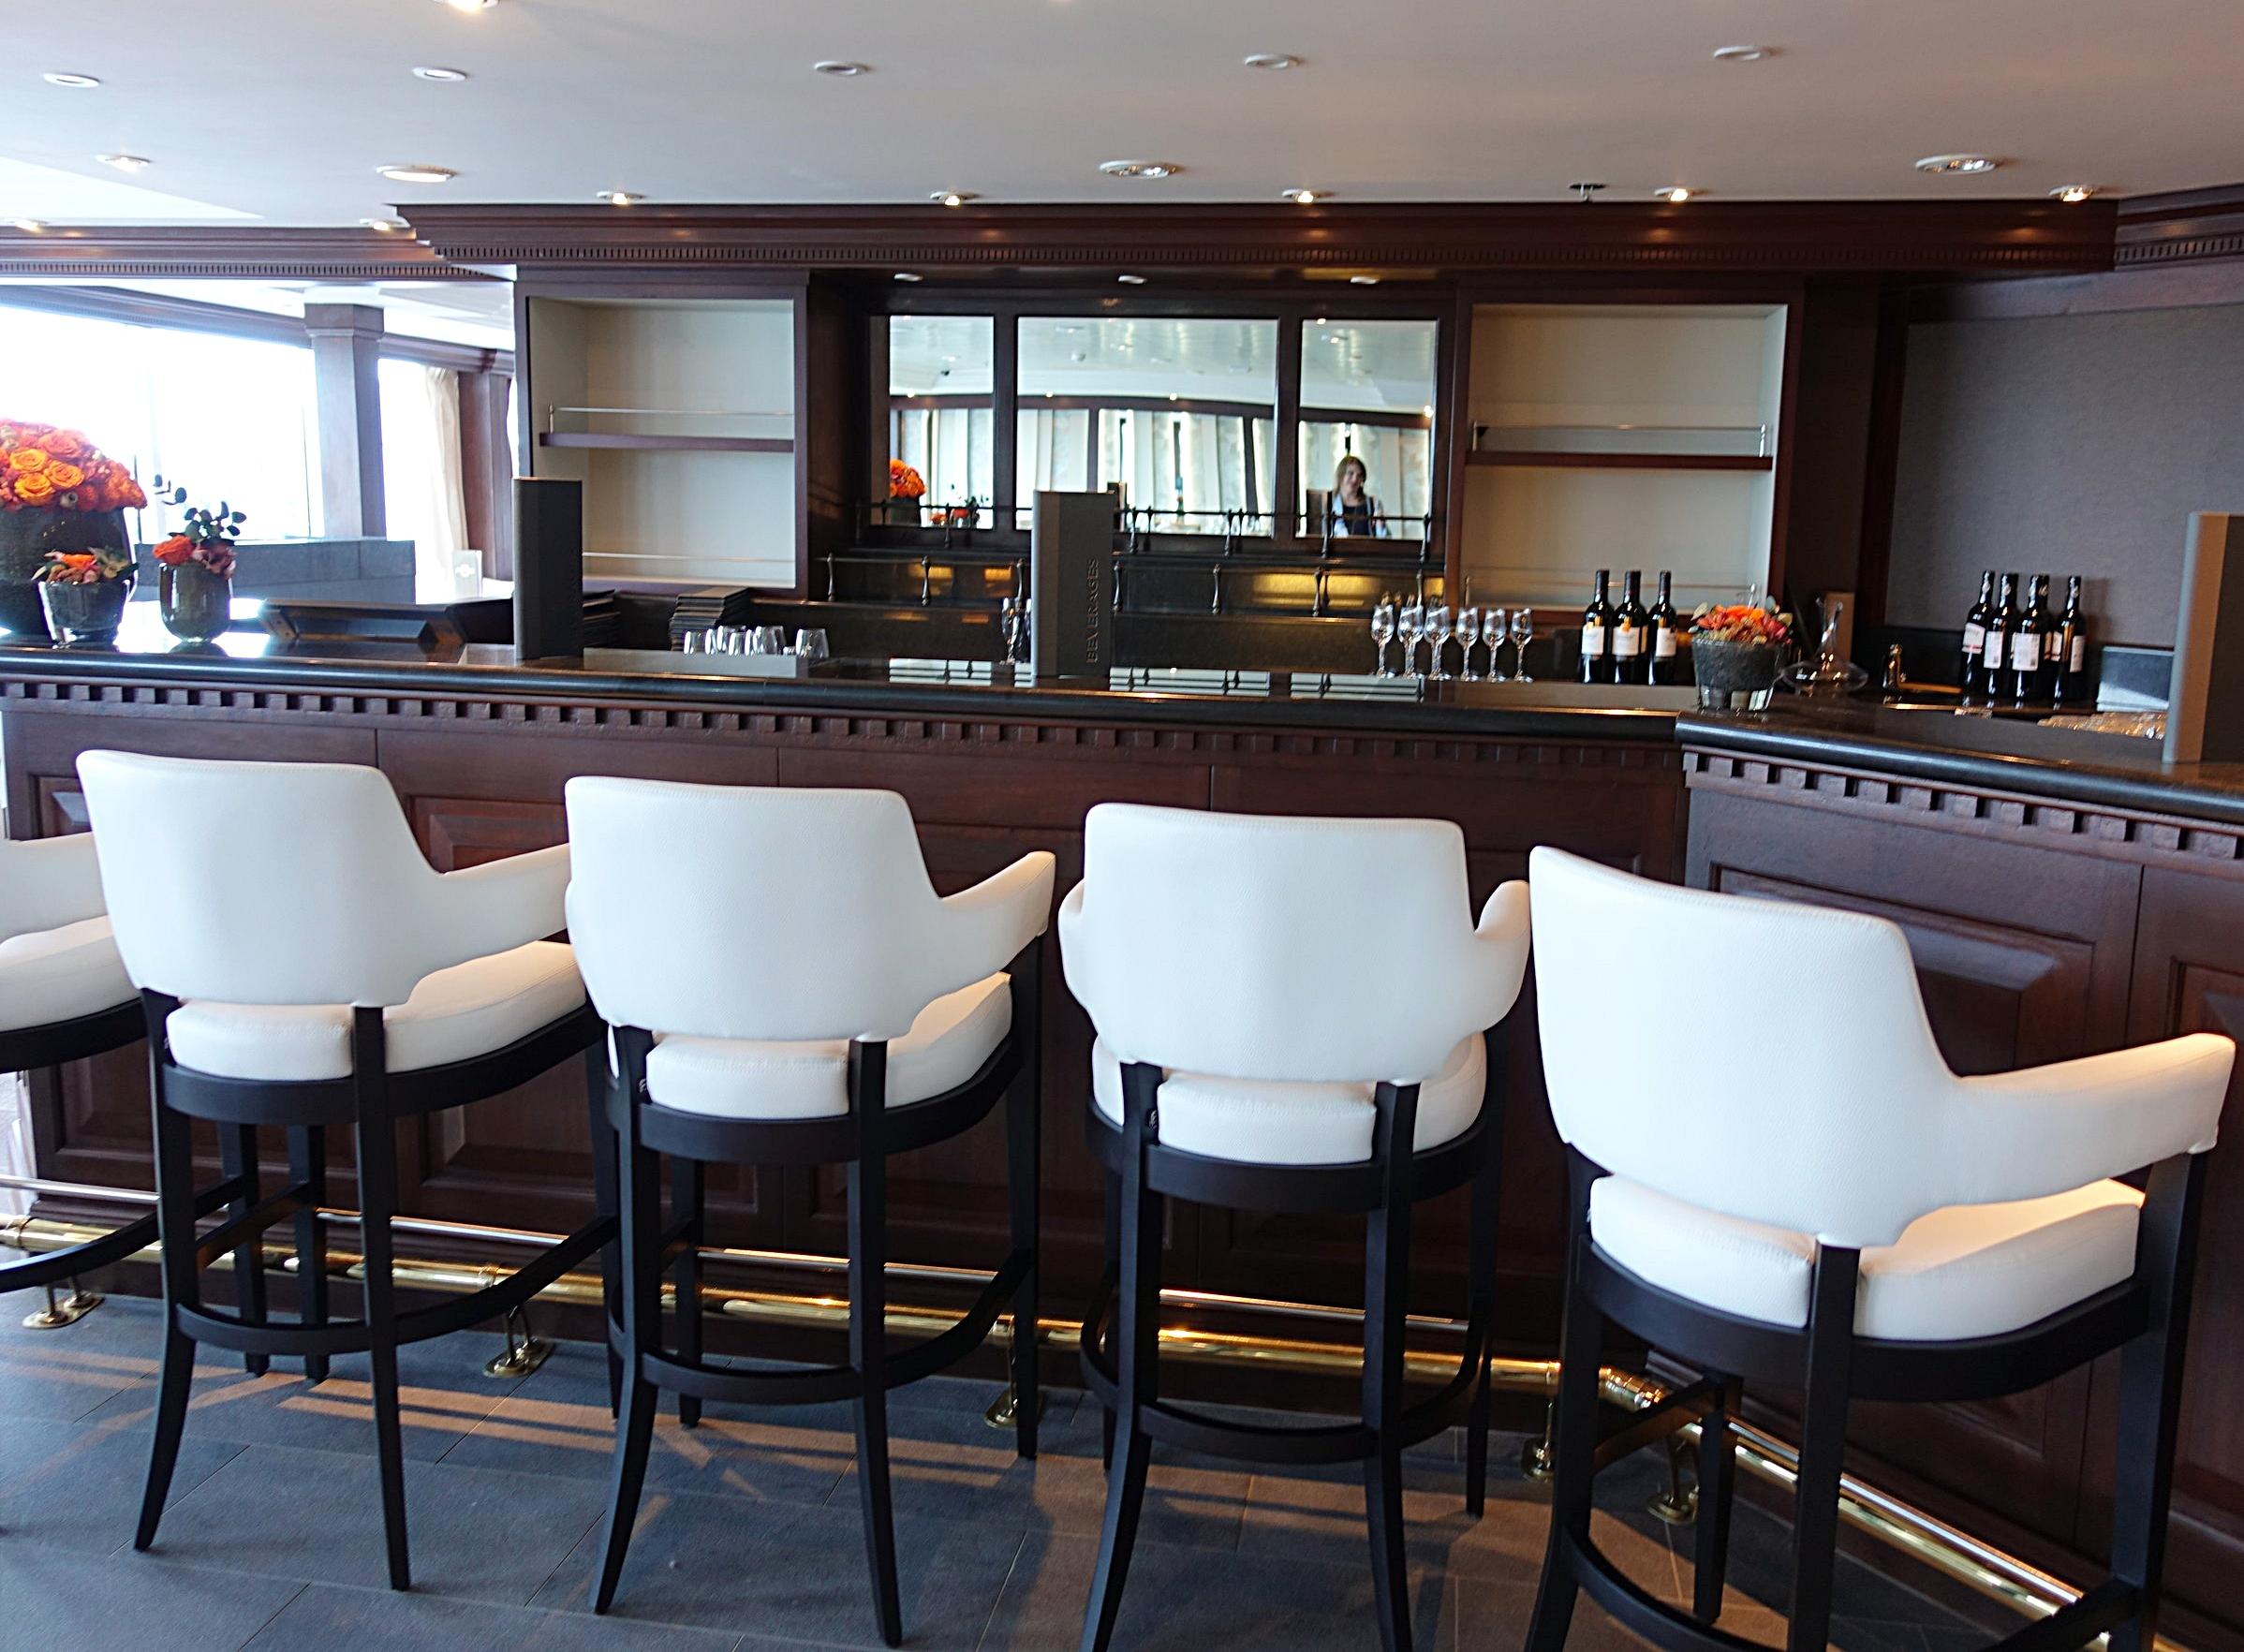 The bar area in Prime C restaurant.